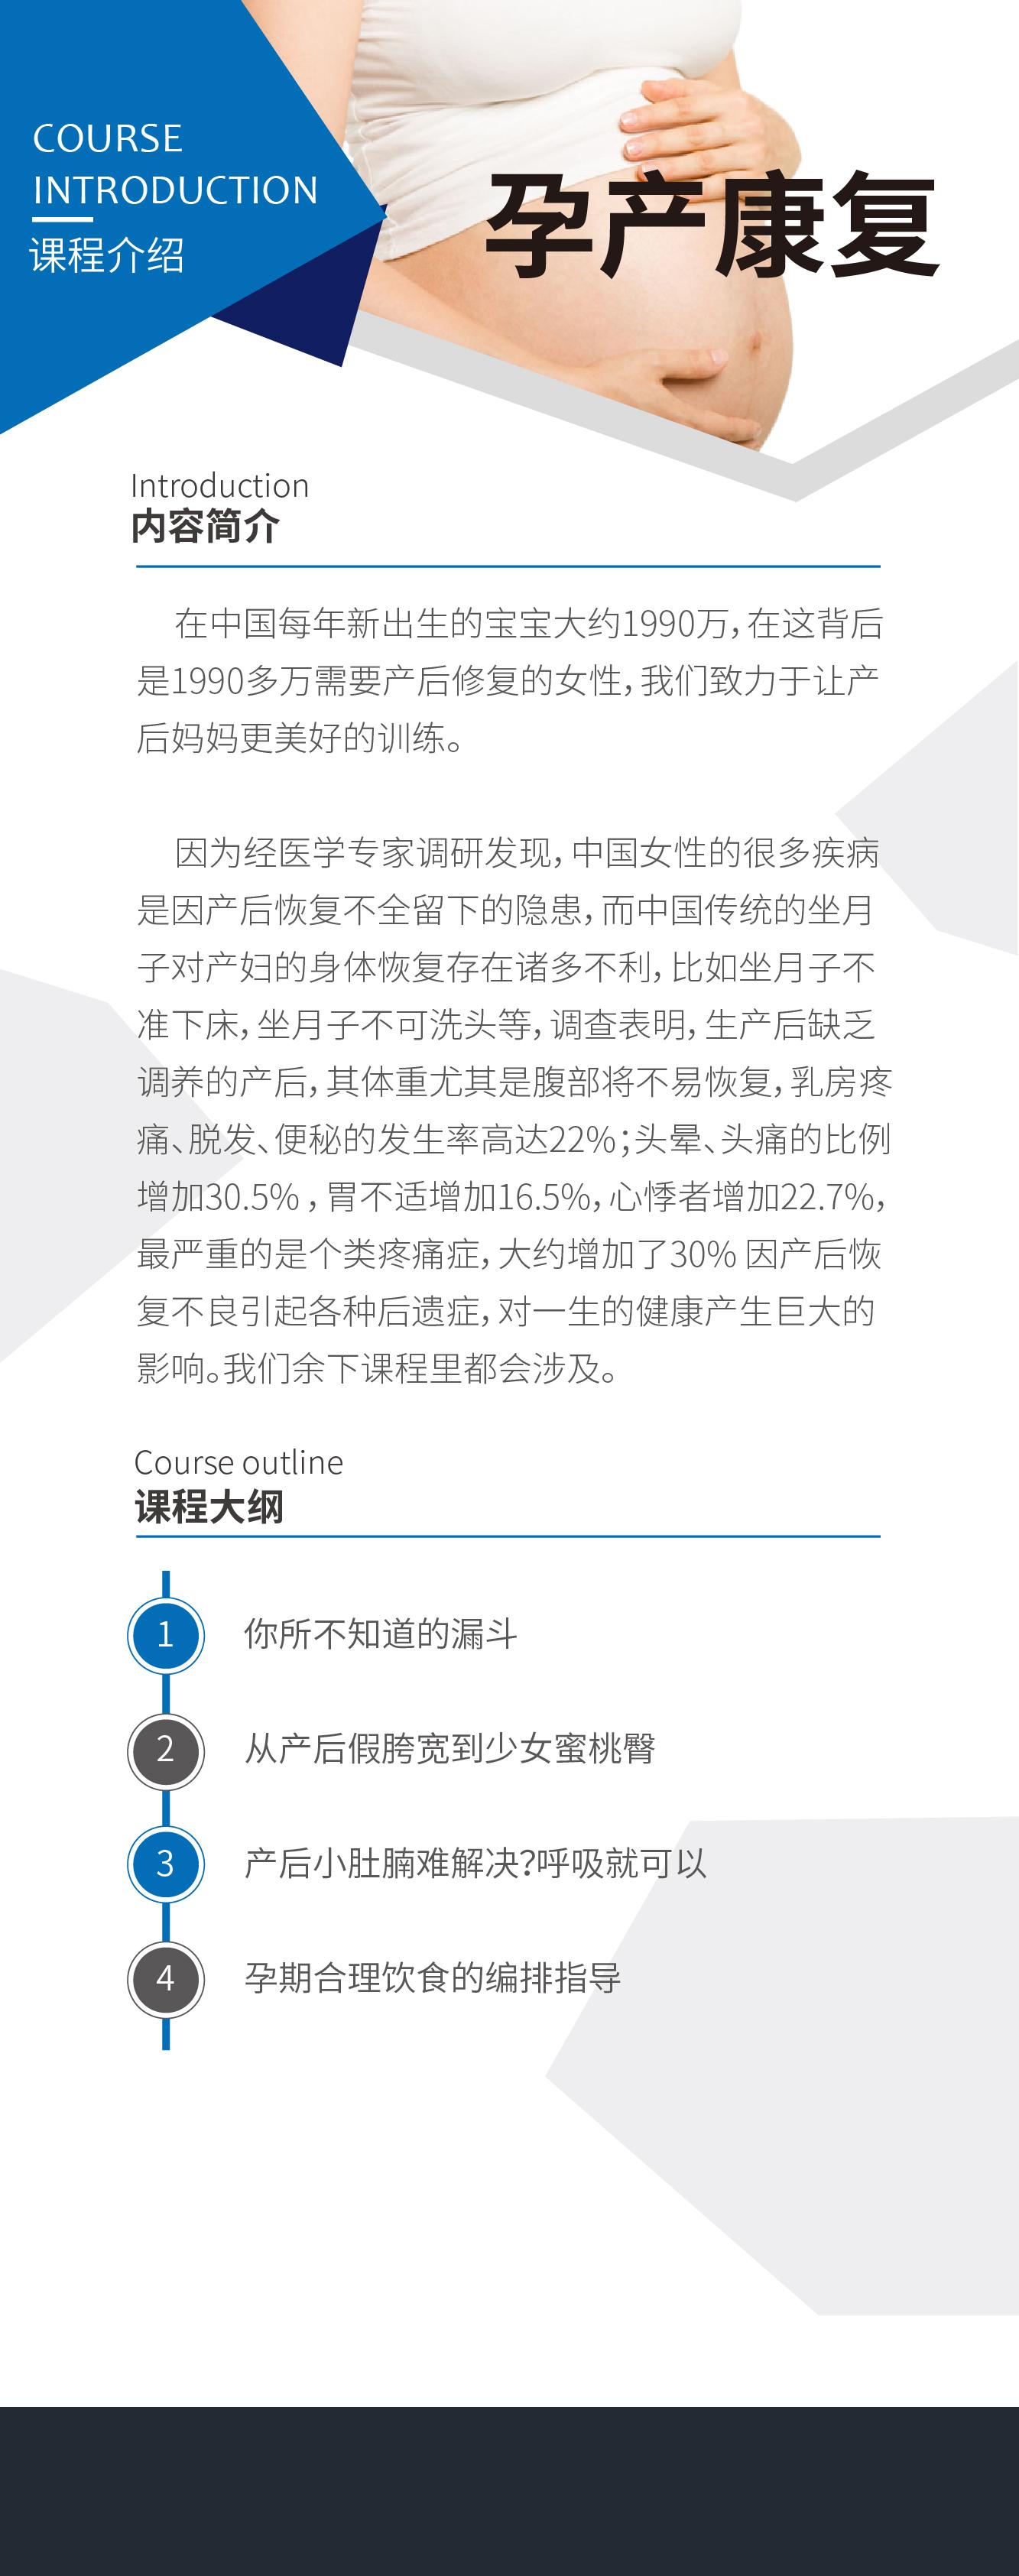 课程大纲-总-04.jpg